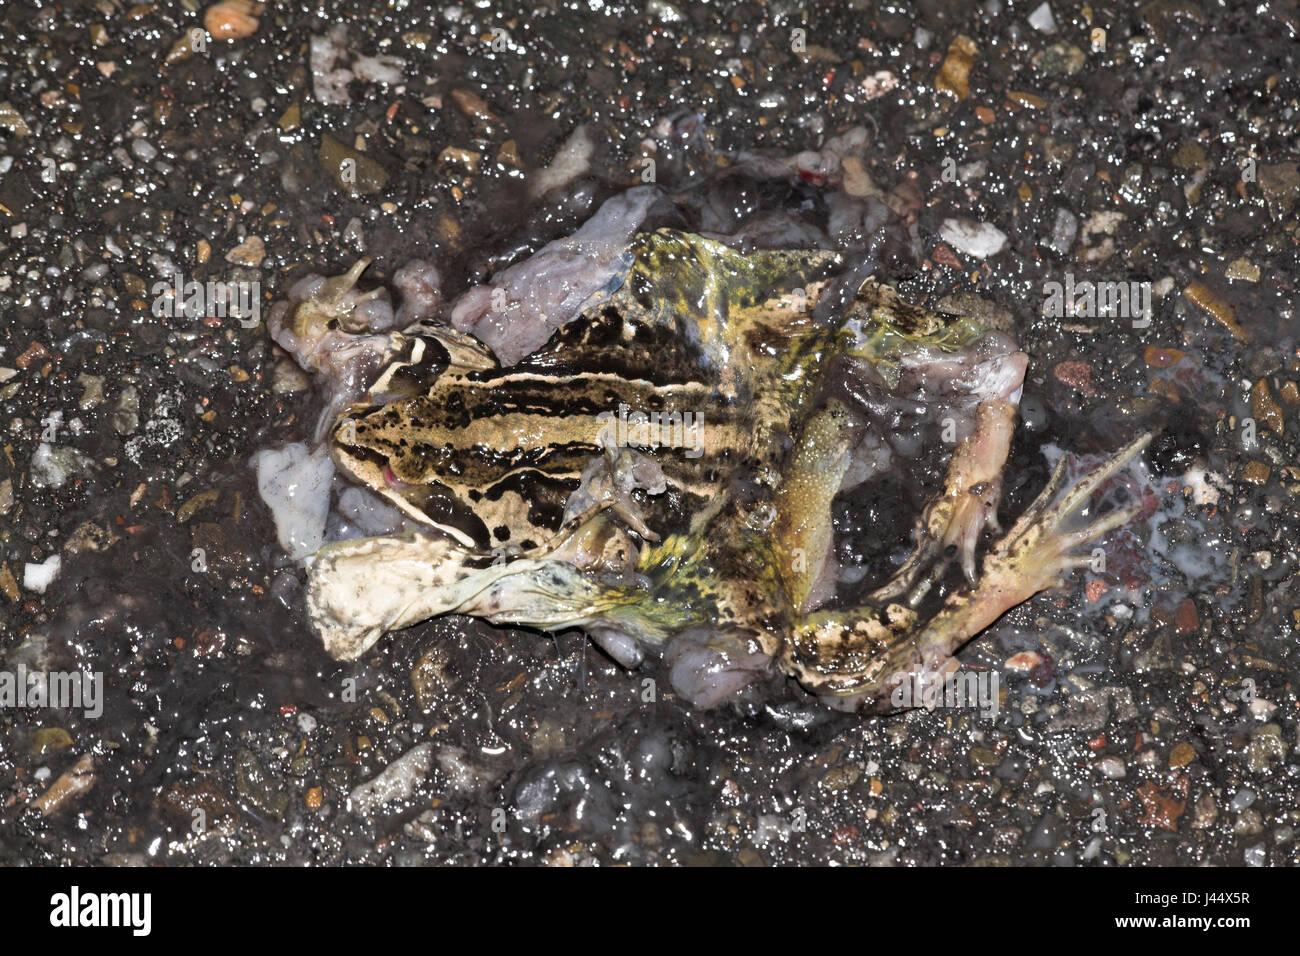 Un páramo de rana es matado por el tráfico en un dique Imagen De Stock